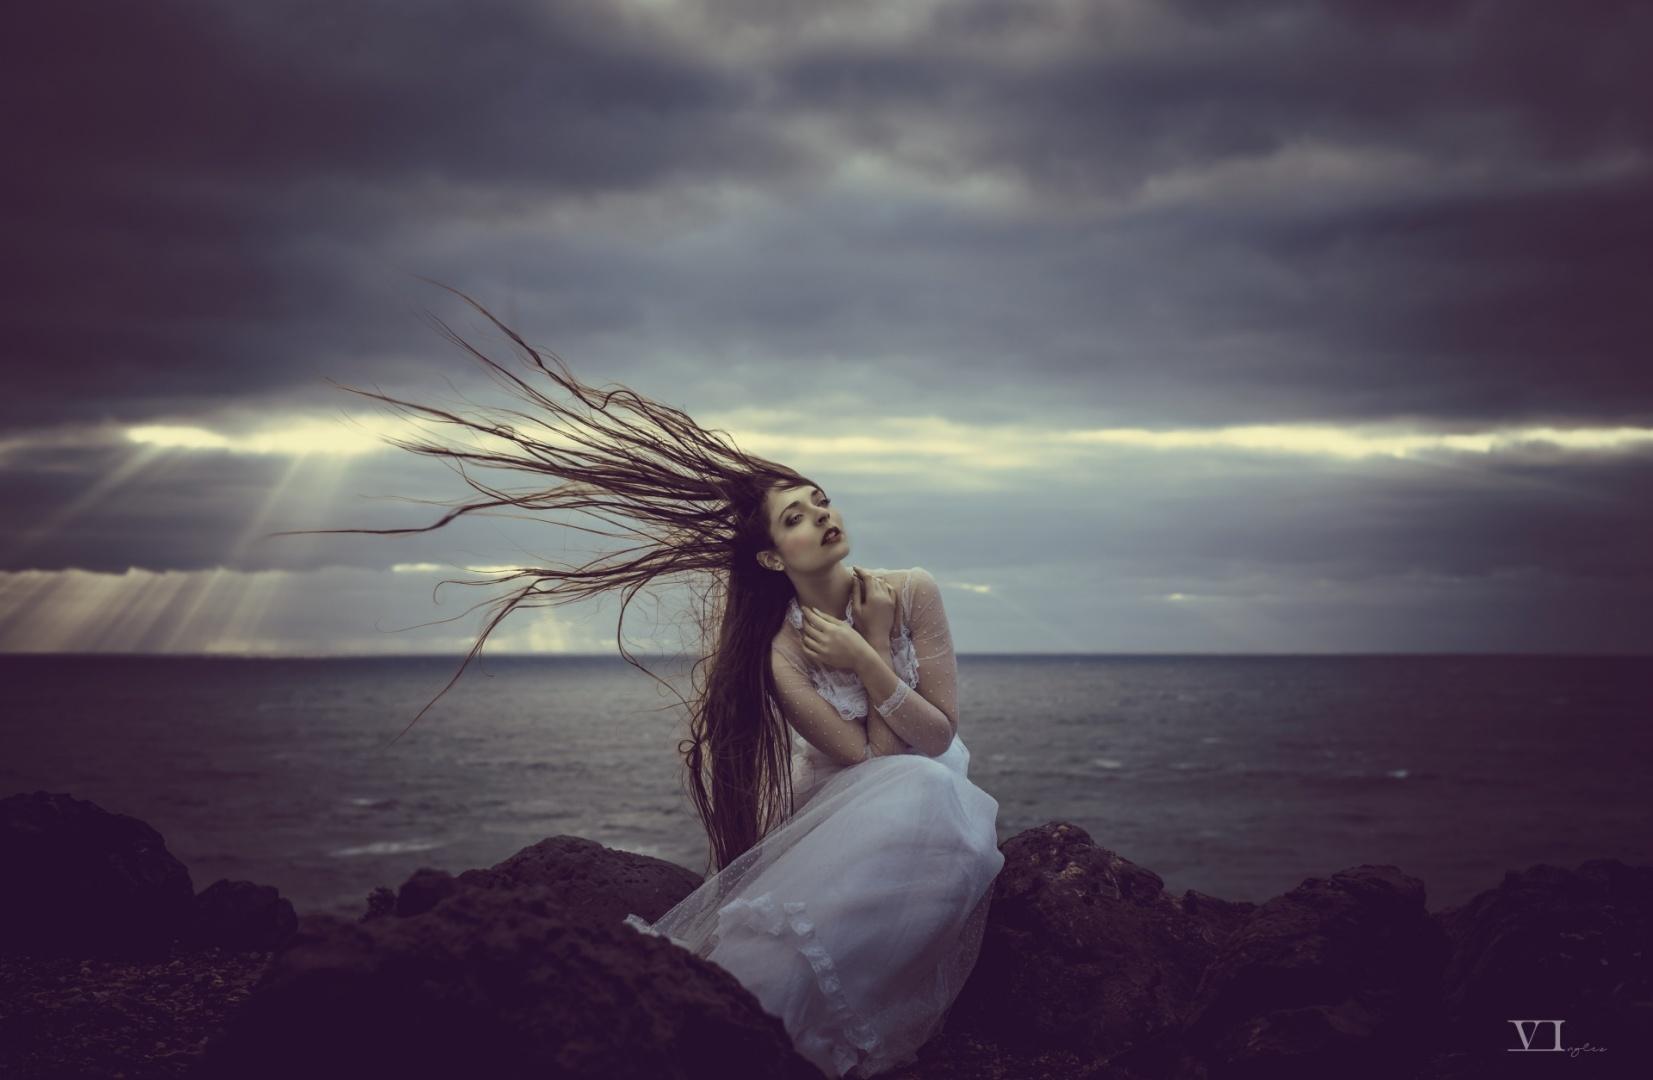 Retratos/My Dying Bride